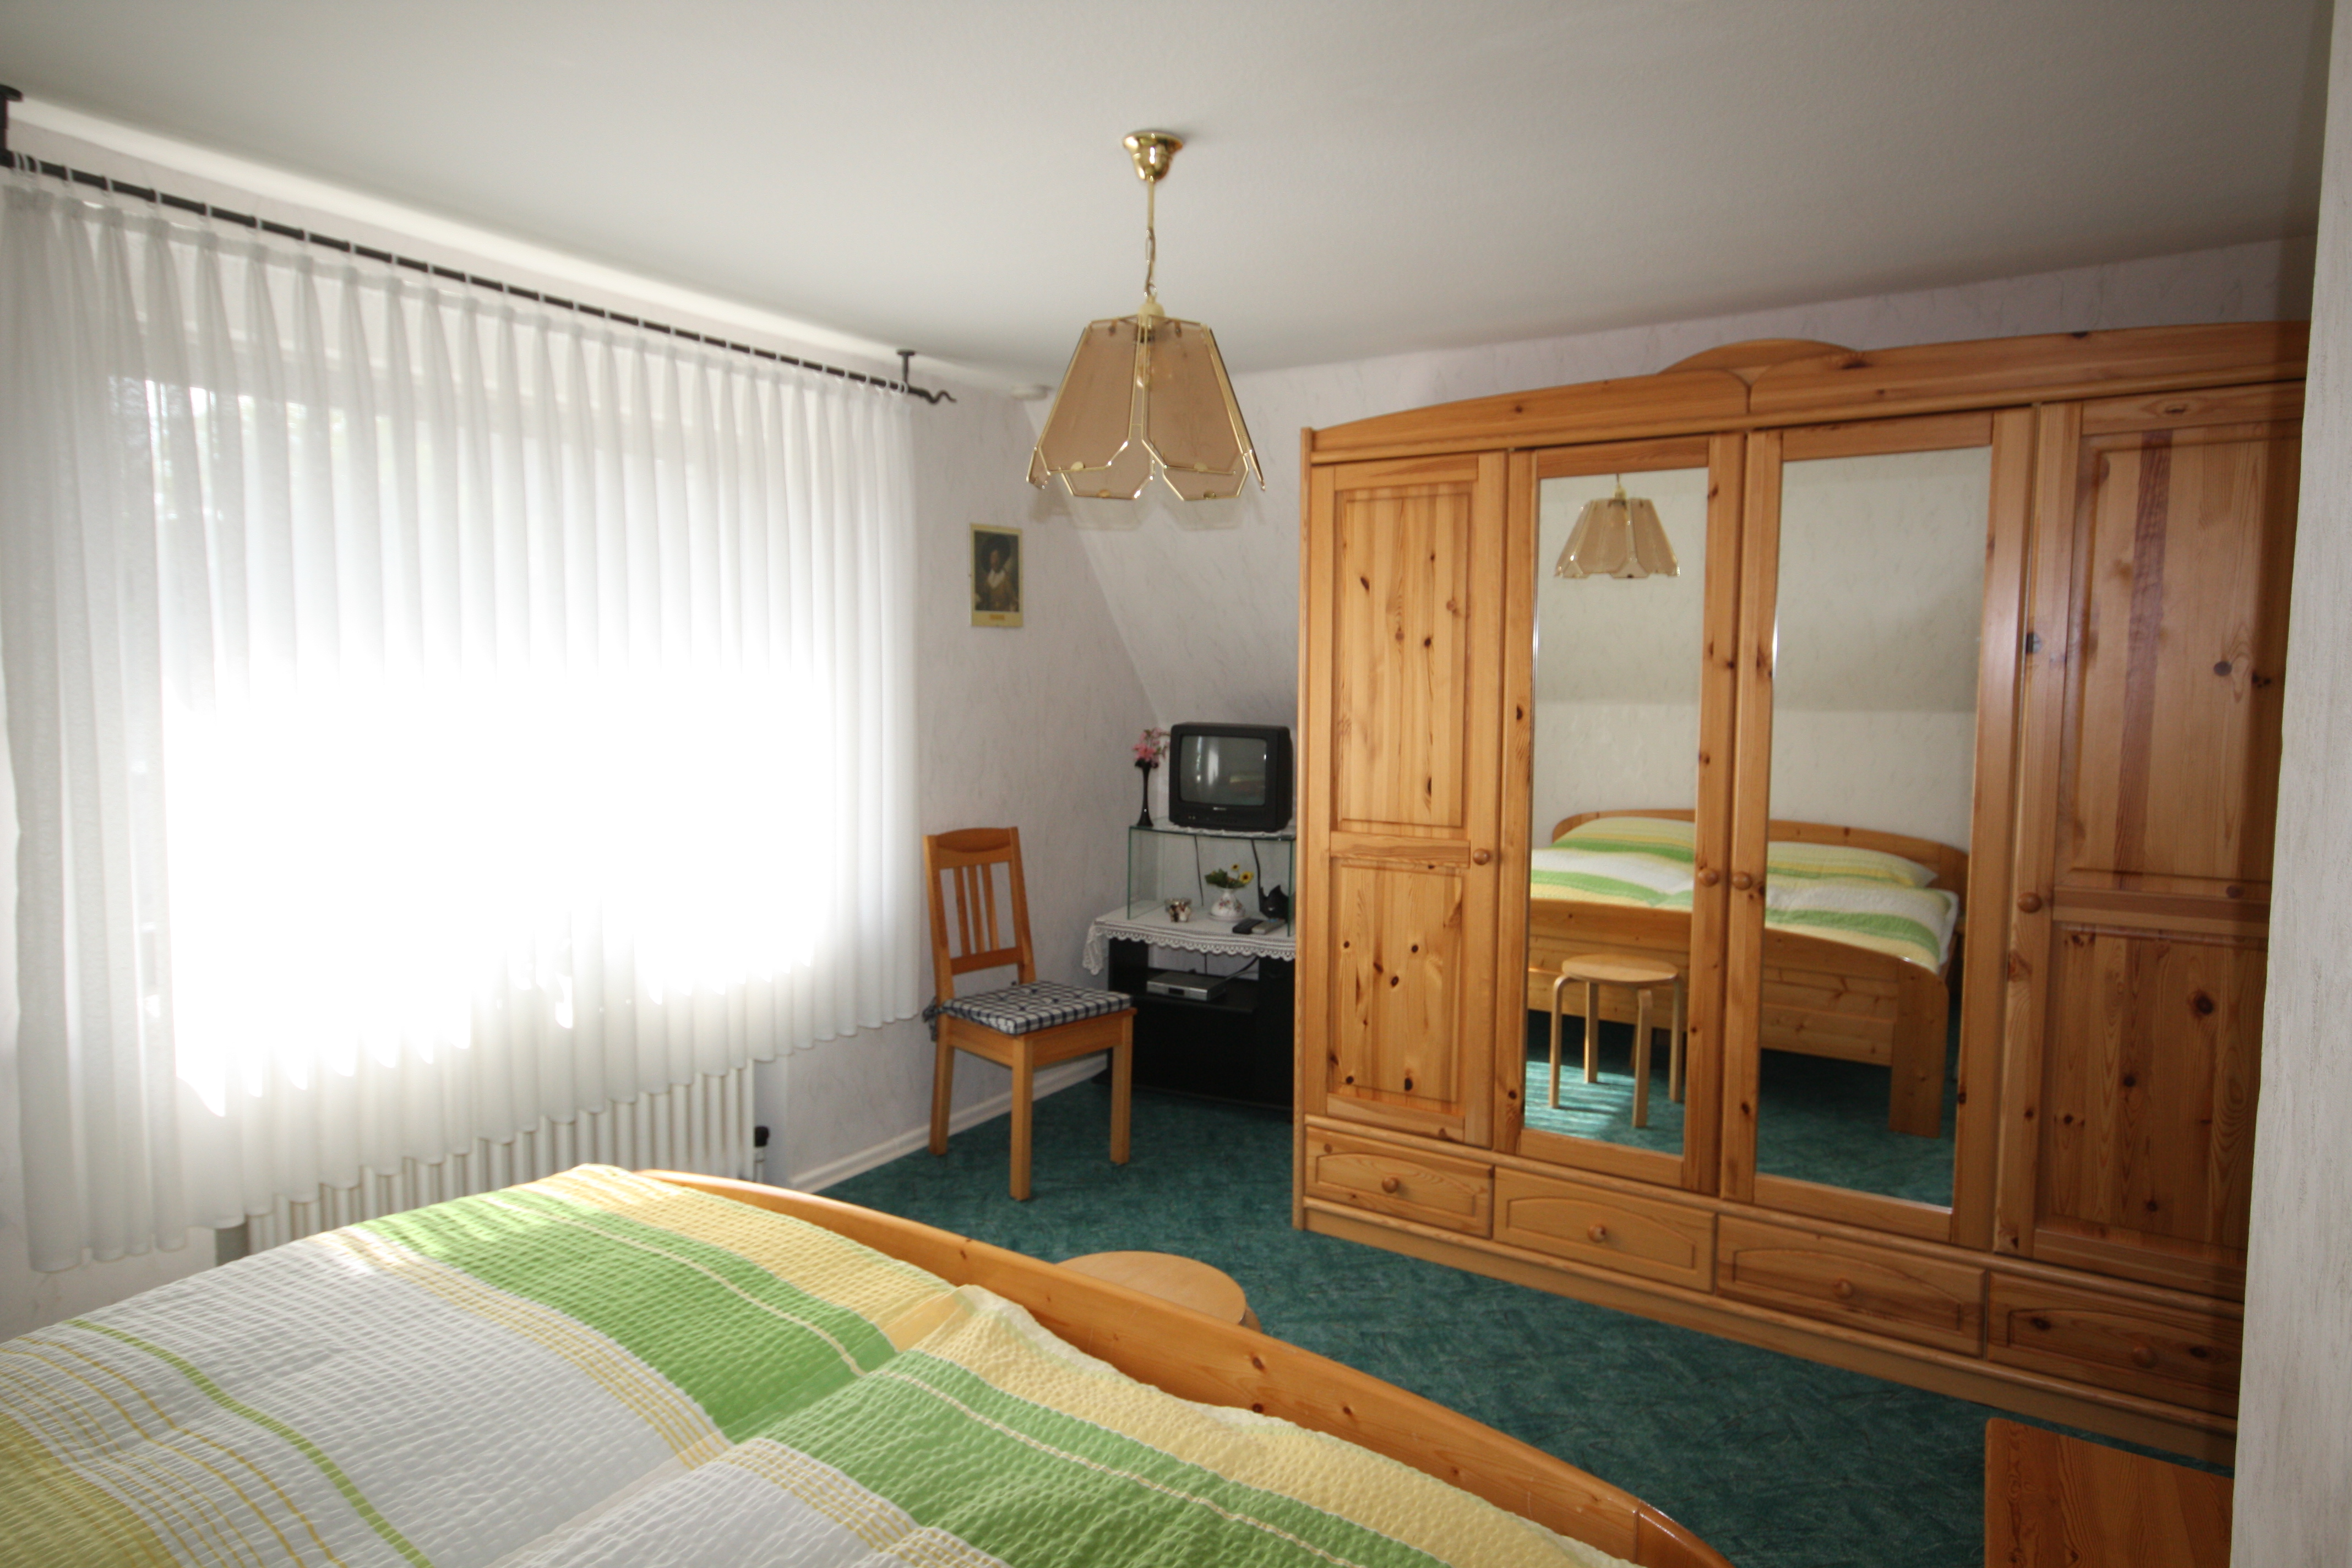 Ein Helles Schlafzimmer Mit Doppelbett, Kleiderschrank Mit Kleiderbügel,  SAT TV, Radiowecker, Bügeleisen Und Bügelbrett. Kinderbett Kann  Hinzugestellt ...